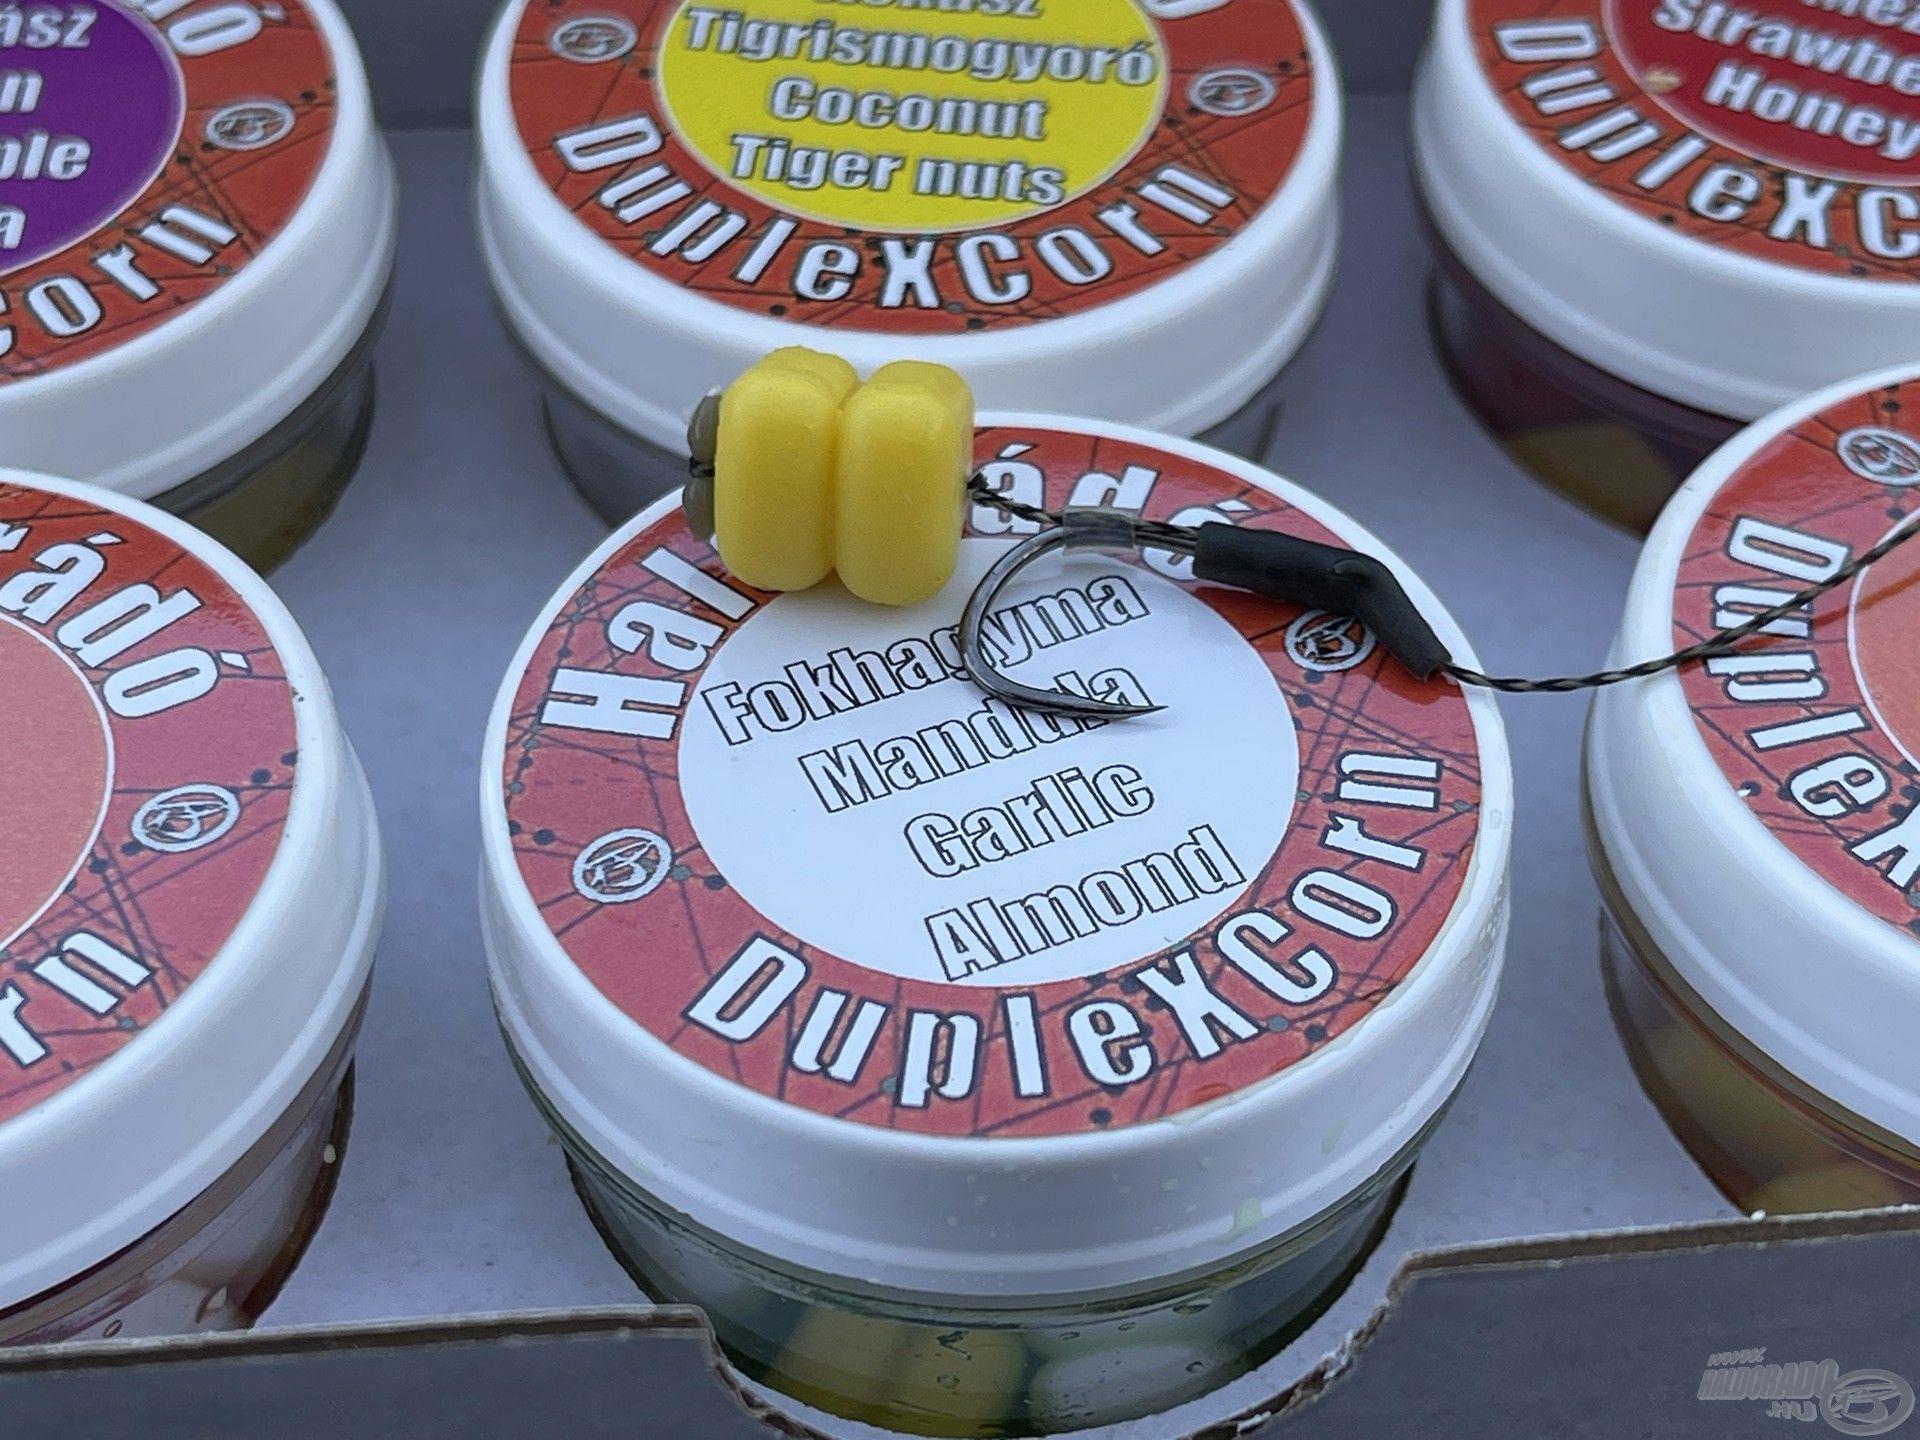 A Fokhagyma & Mandula ízesítésű DupleX Corn bizonyult a legjobb pontycsalinak a tavaszi horgászataim során